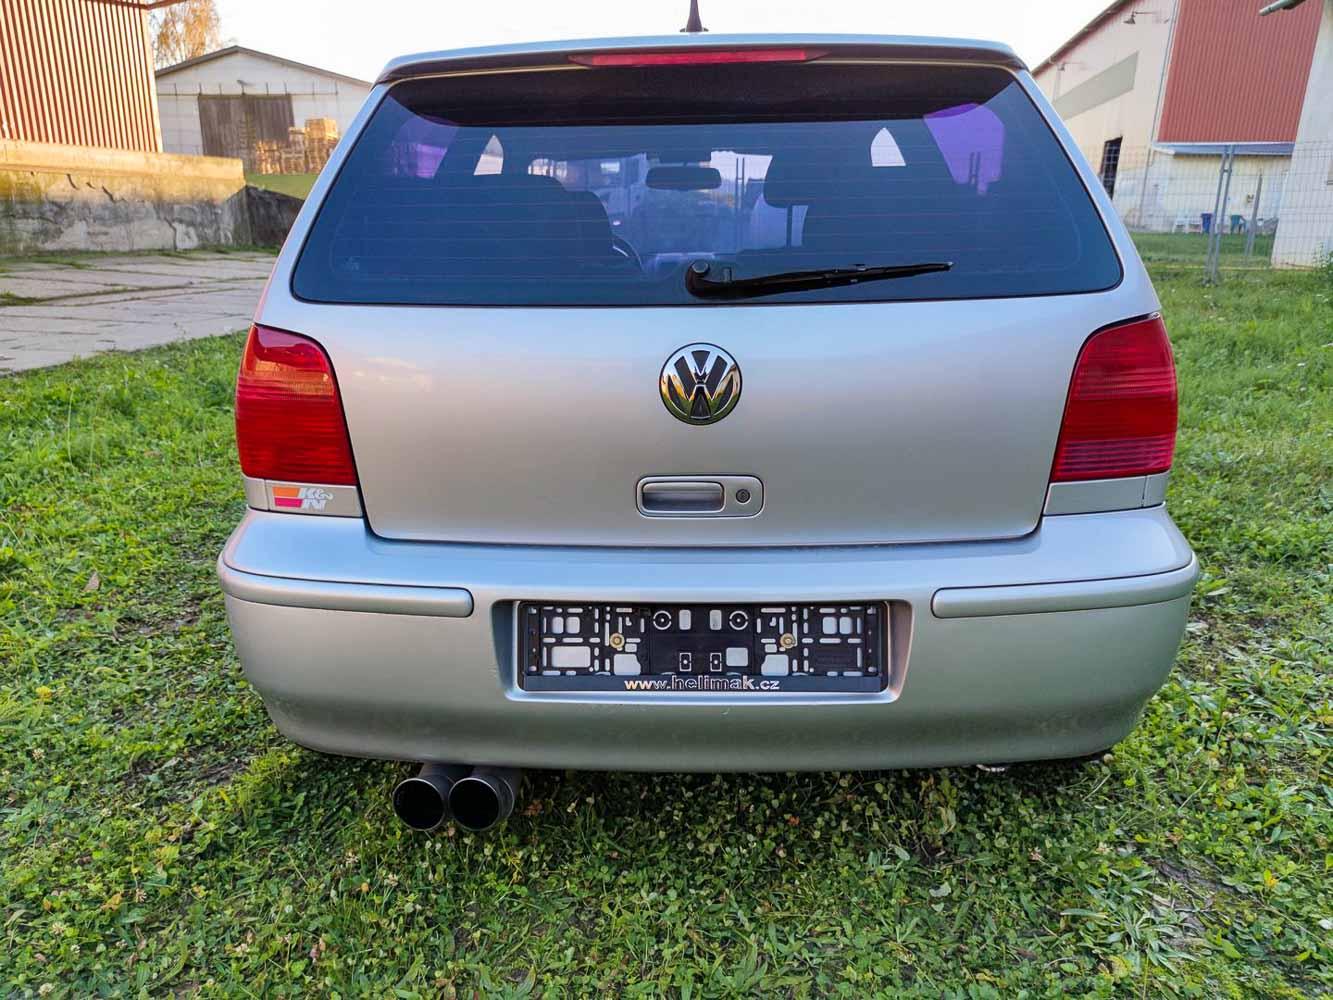 VW Polo GTi 1.6 16v